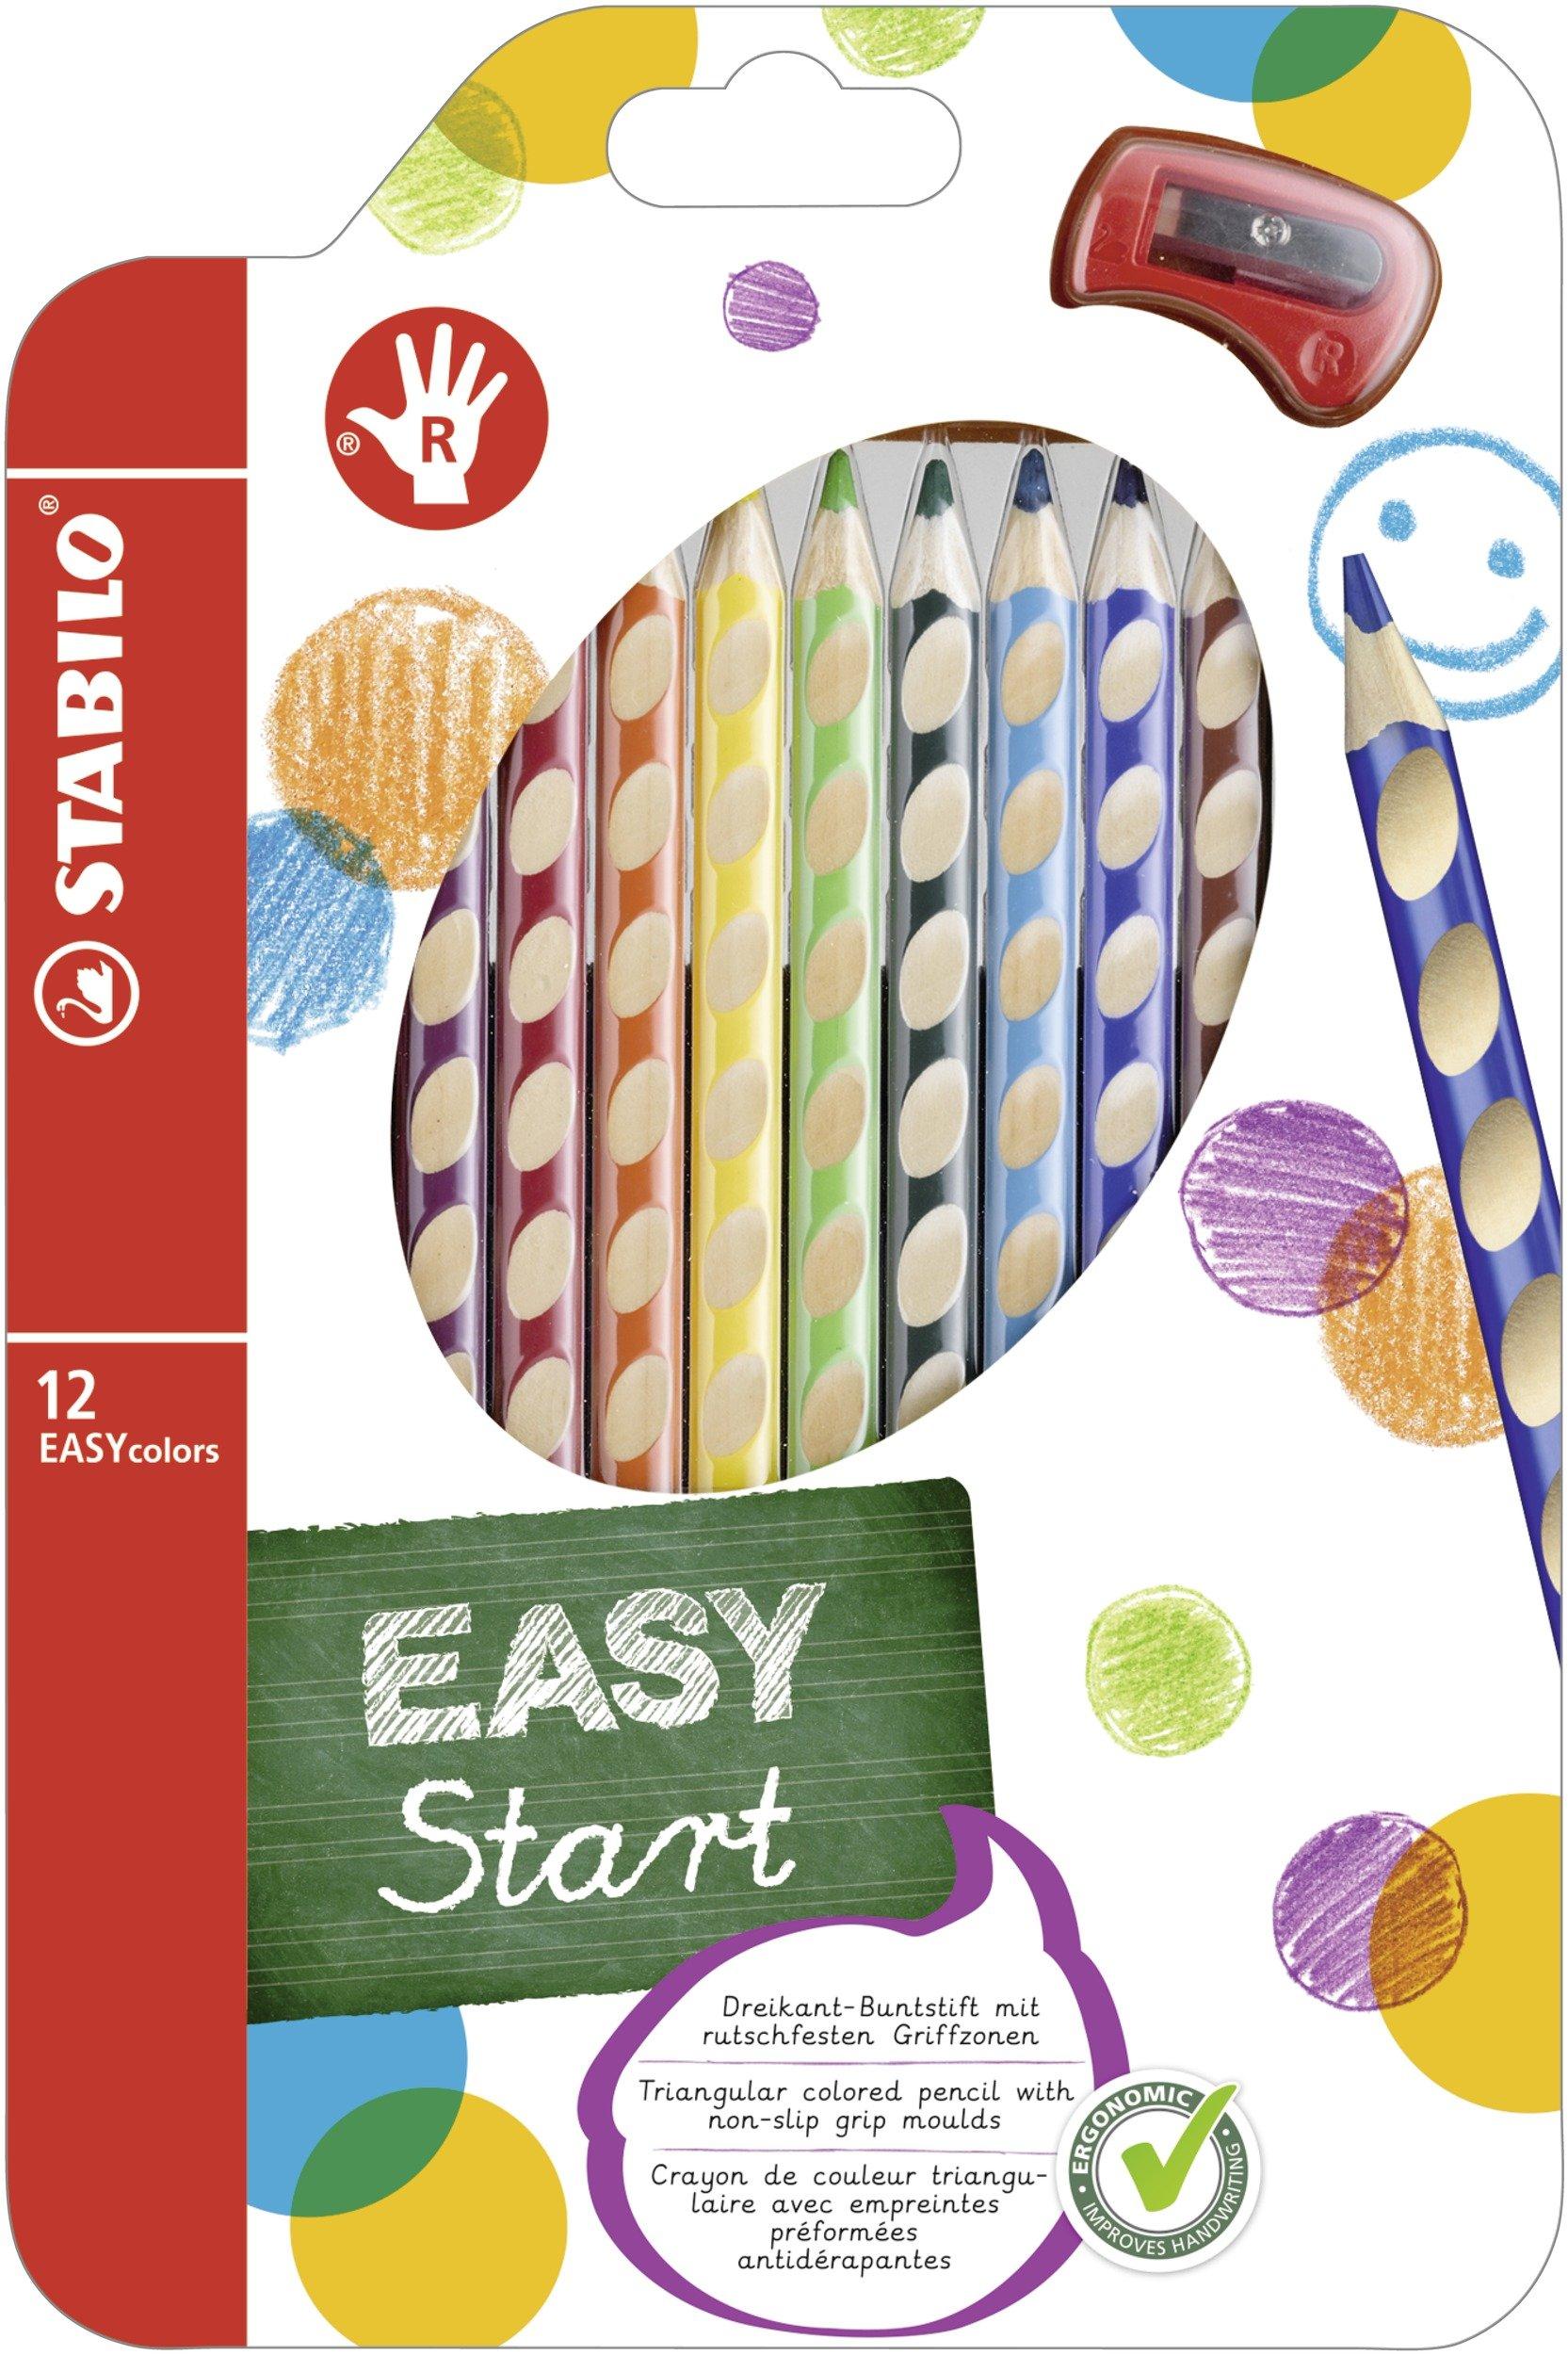 Lápiz de color ergonómico STABILO EASYcolors START – Modelo para DIESTROS – Estuche con 12 colores y 1 sacapuntas